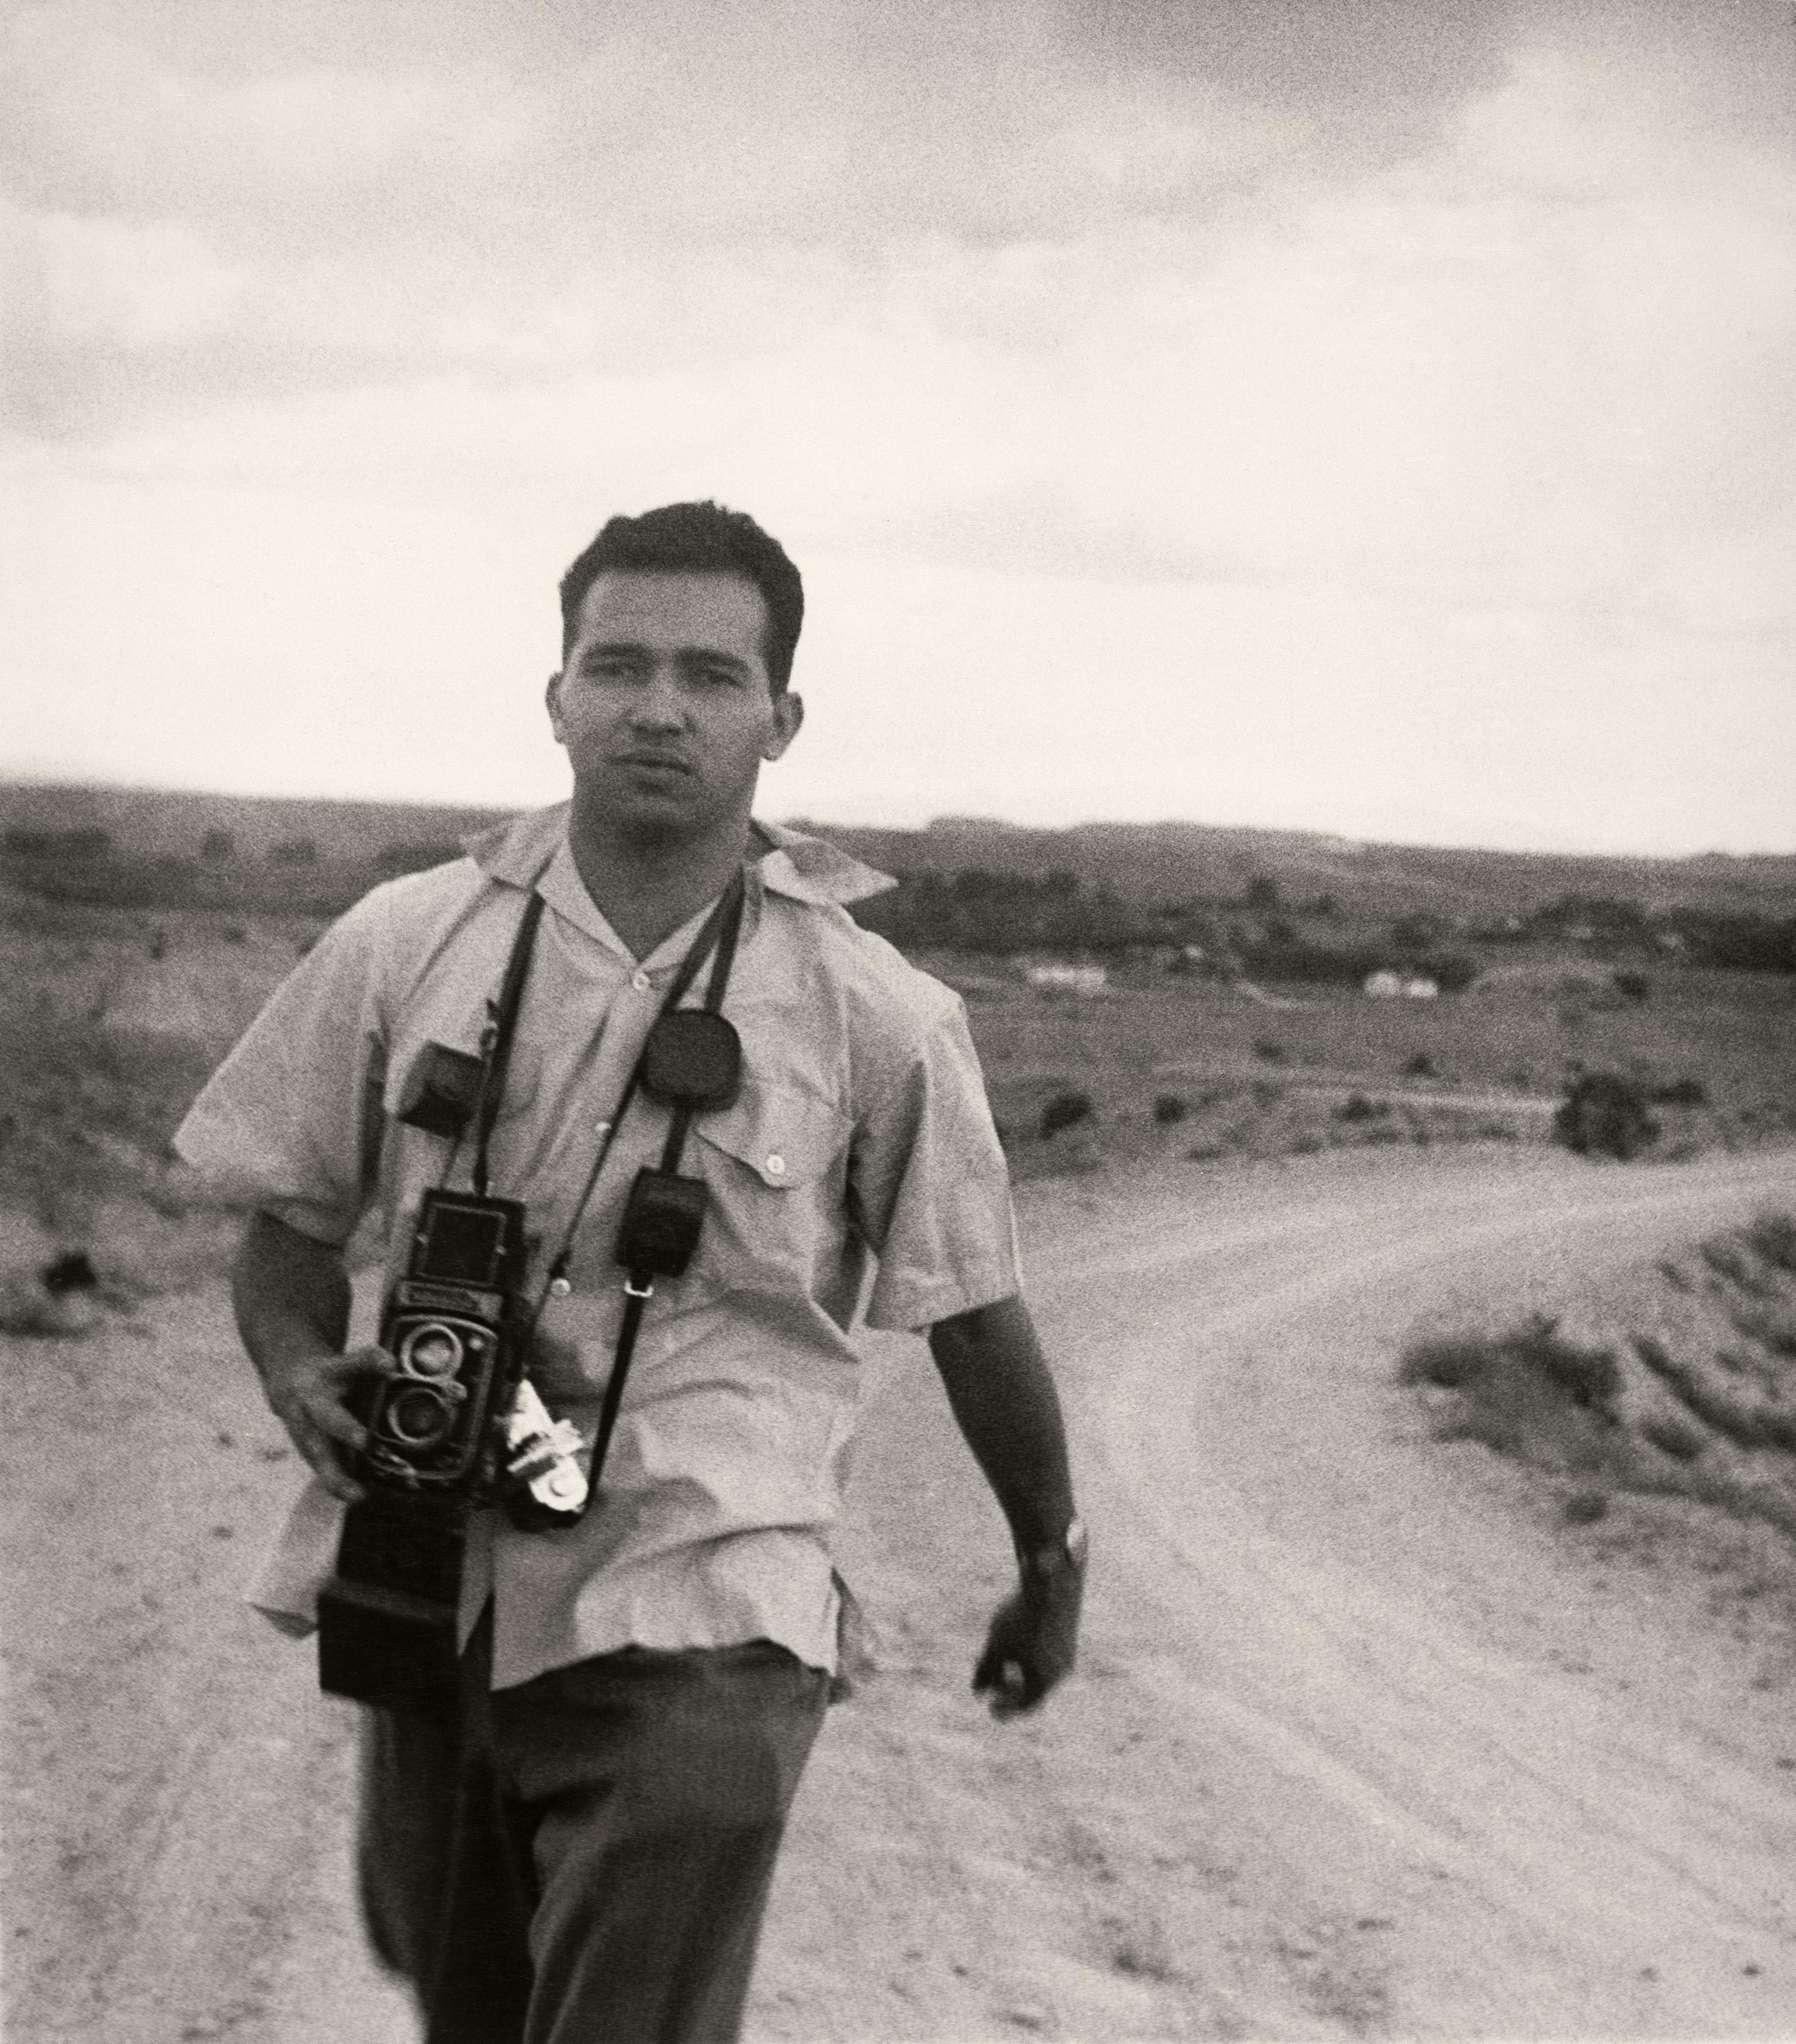 Luciano Carneiro, fotógrafo cearense, cobriu os fatos mais importantes do mundo entre as décadas de 1940 e 1950